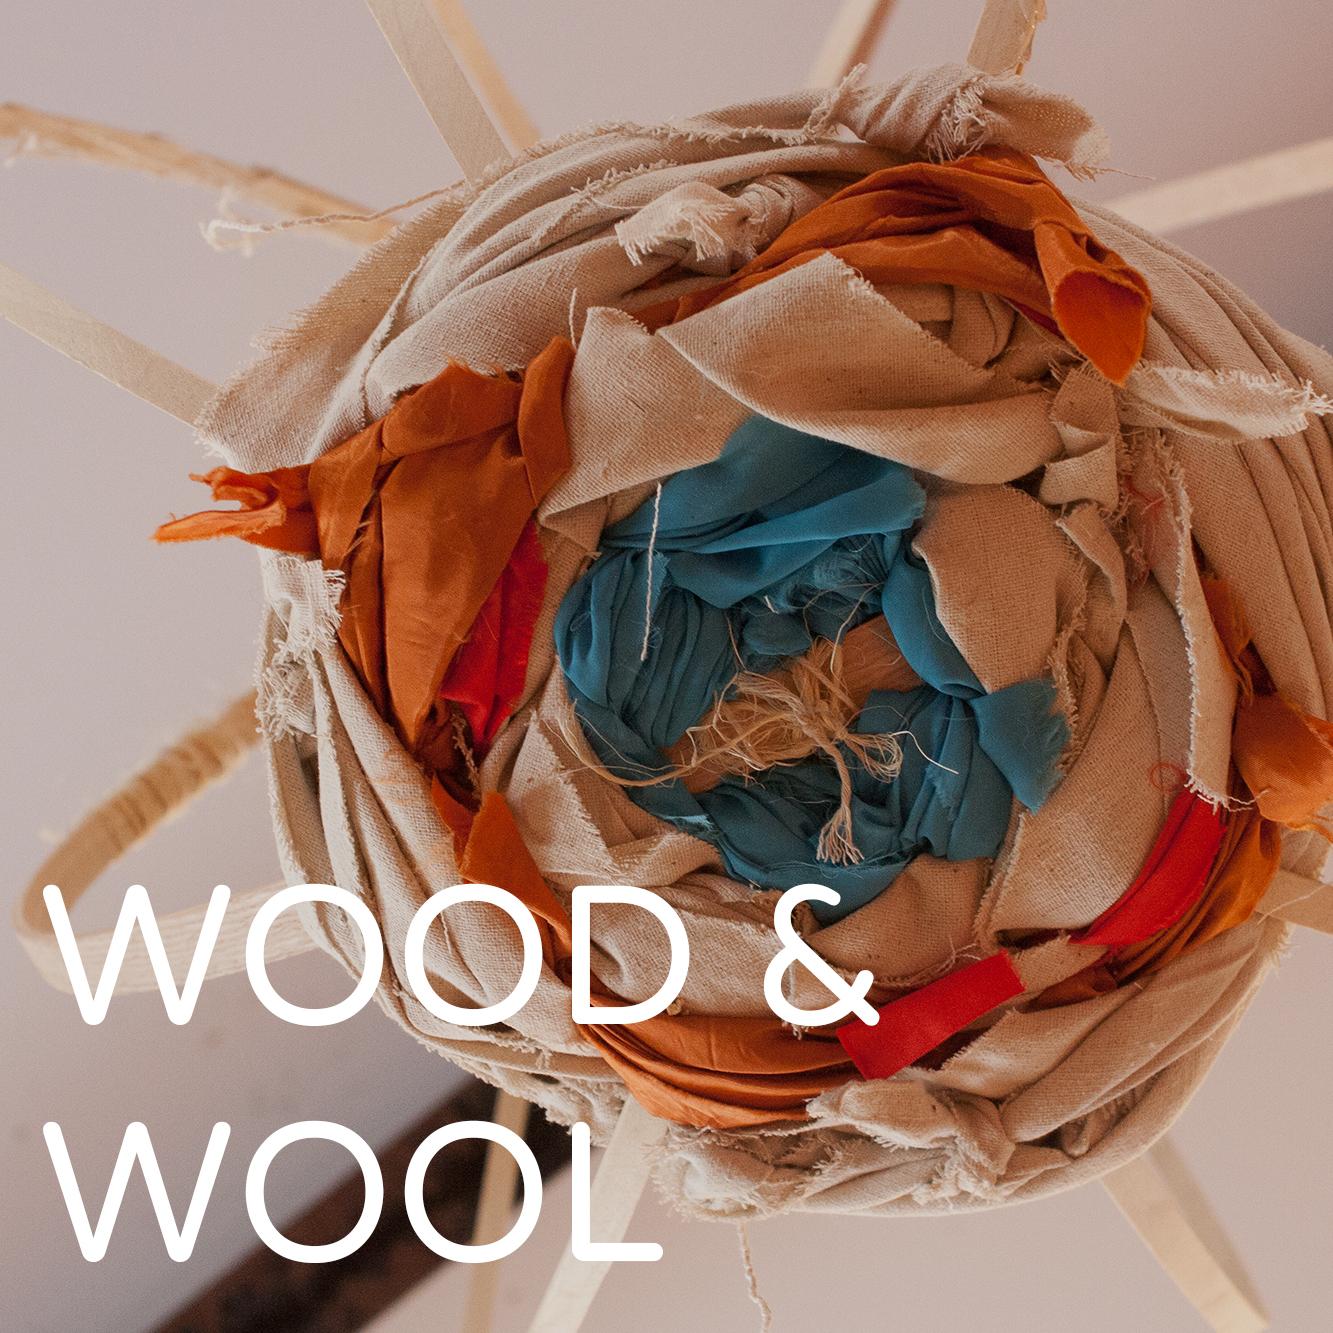 wood&wool2.jpg